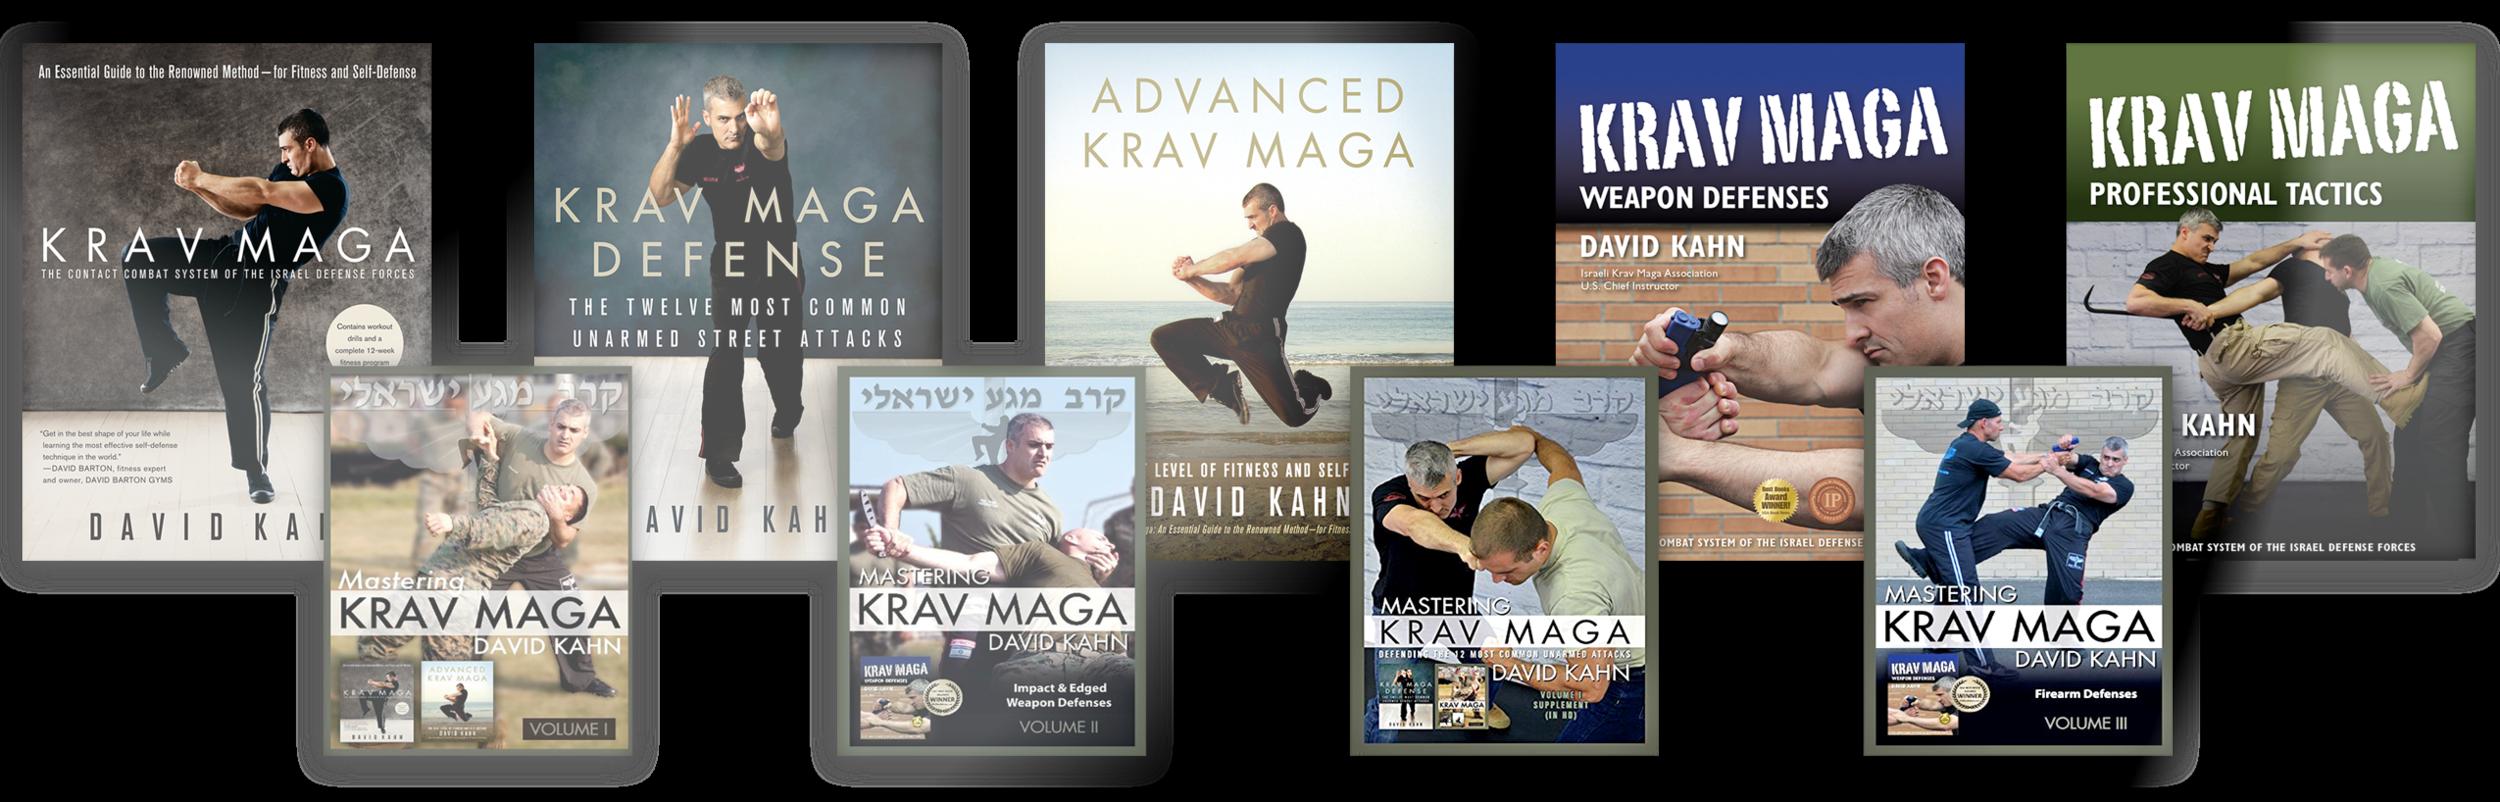 david_kahn_krav_maga_books_dvds.png